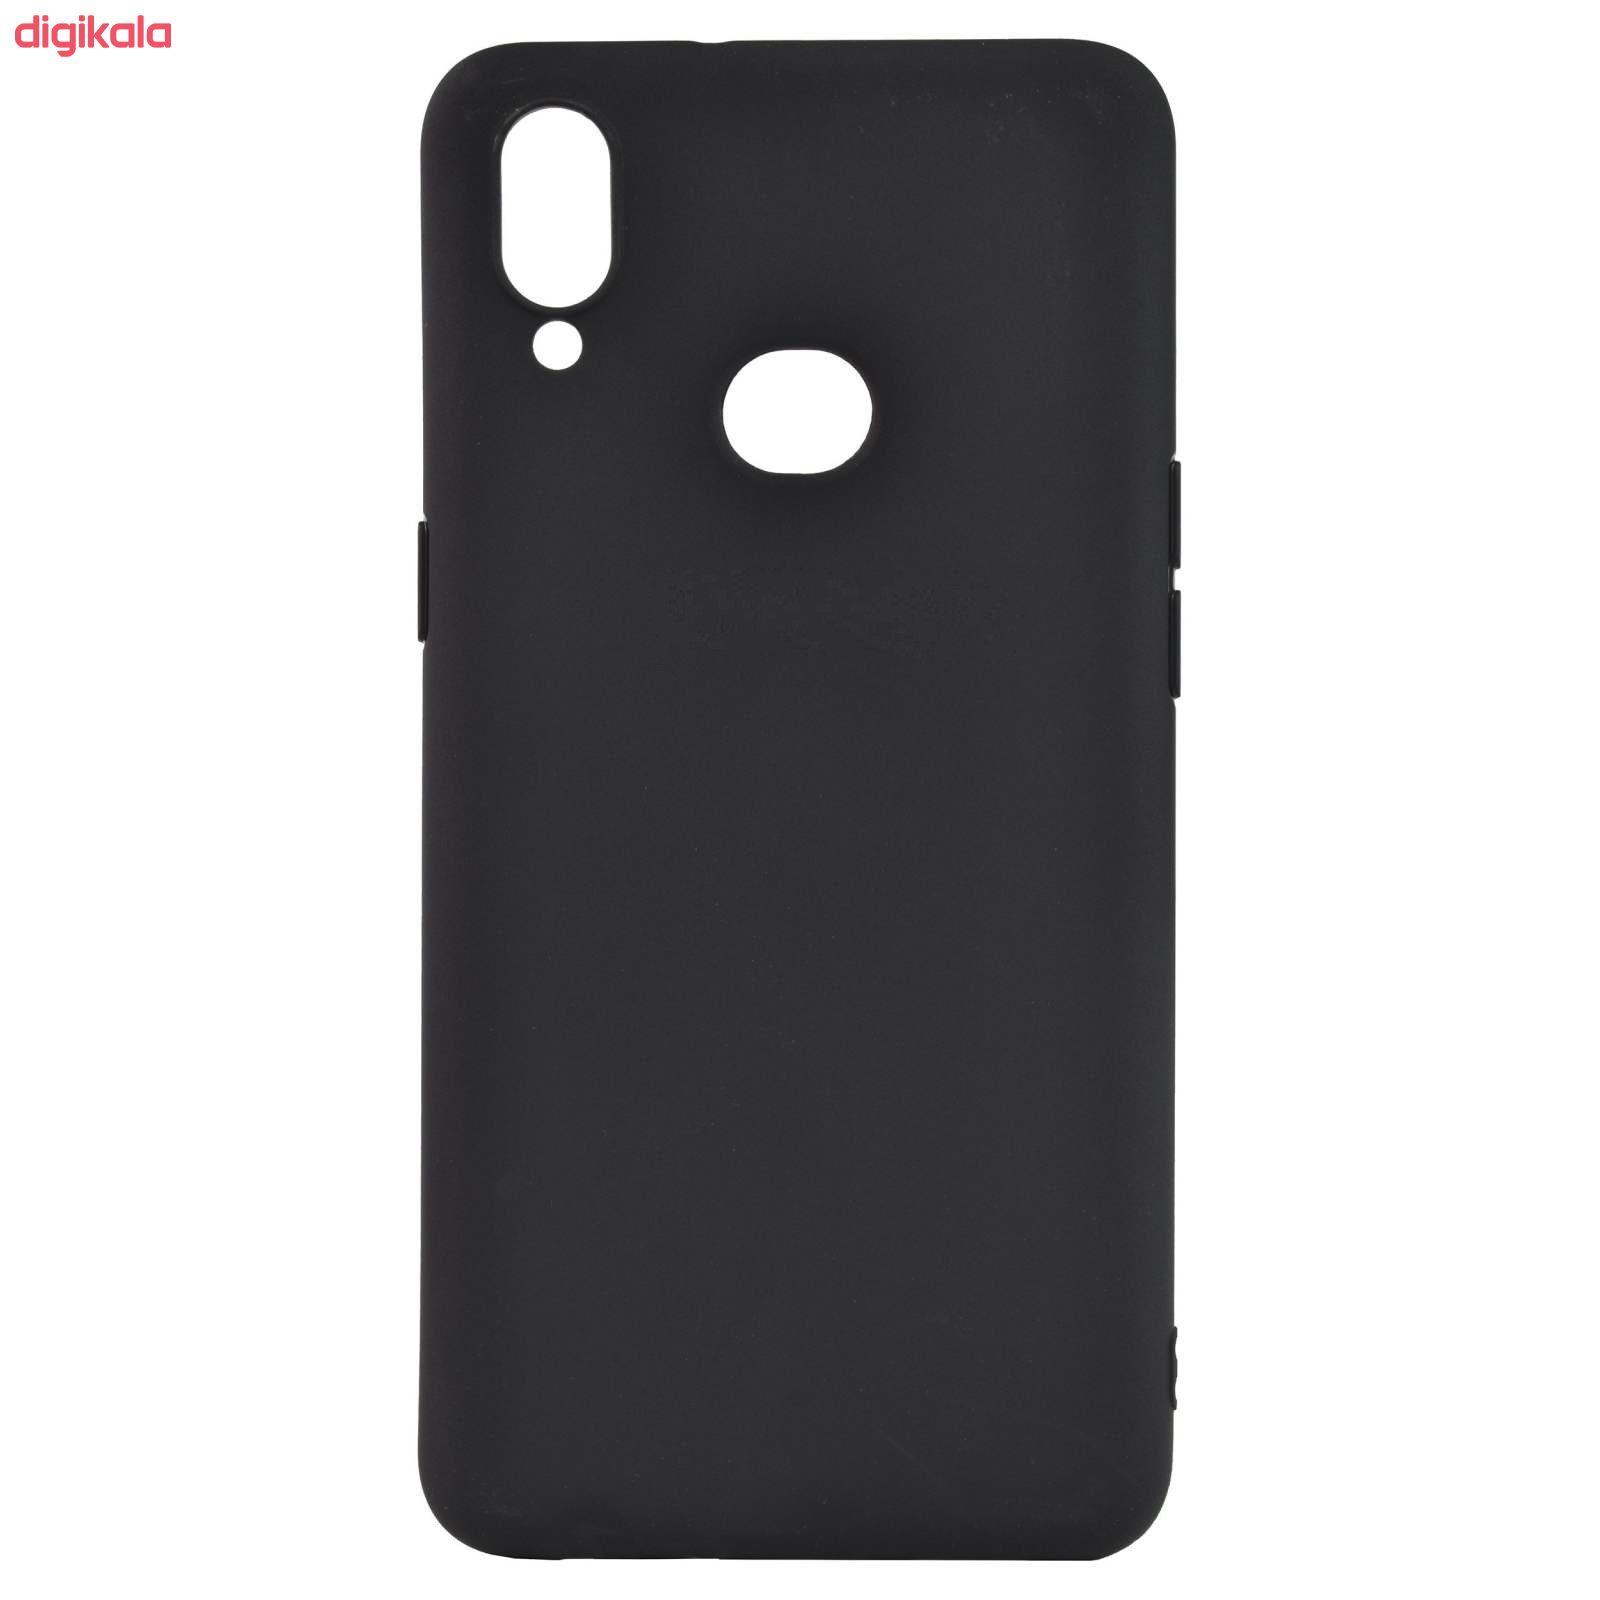 کاور مدل slc مناسب برای گوشی موبایل سامسونگ Galaxy A10s main 1 2